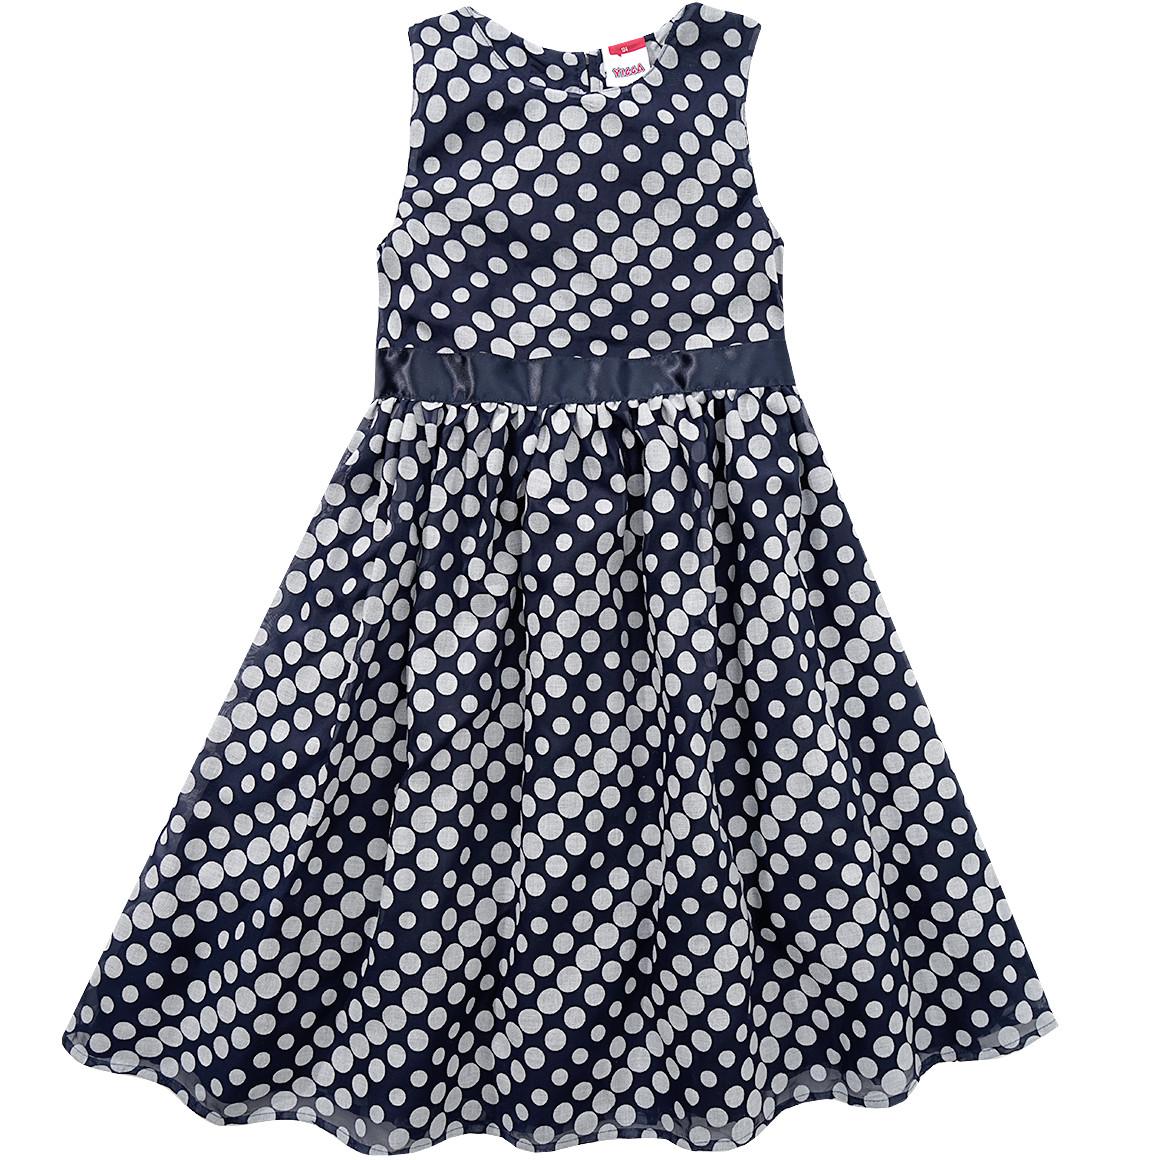 blau weiß gepunktetetes Kleid